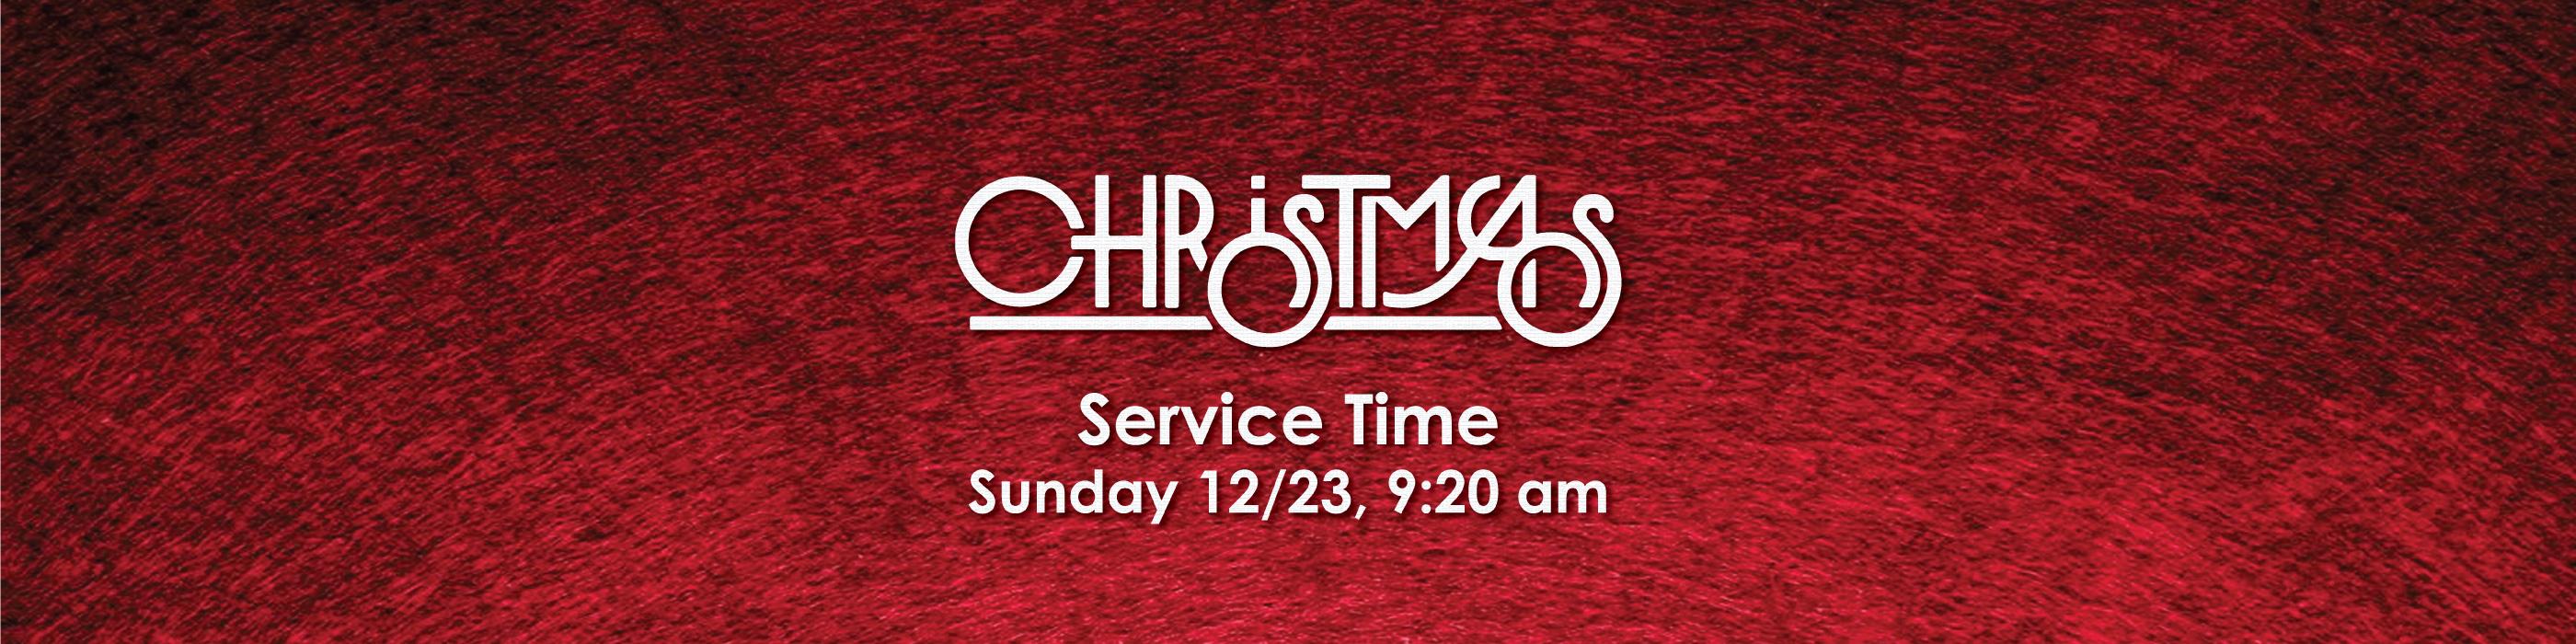 Summit-Church-Bulletin-Graphic-122318-WEB-2800x700